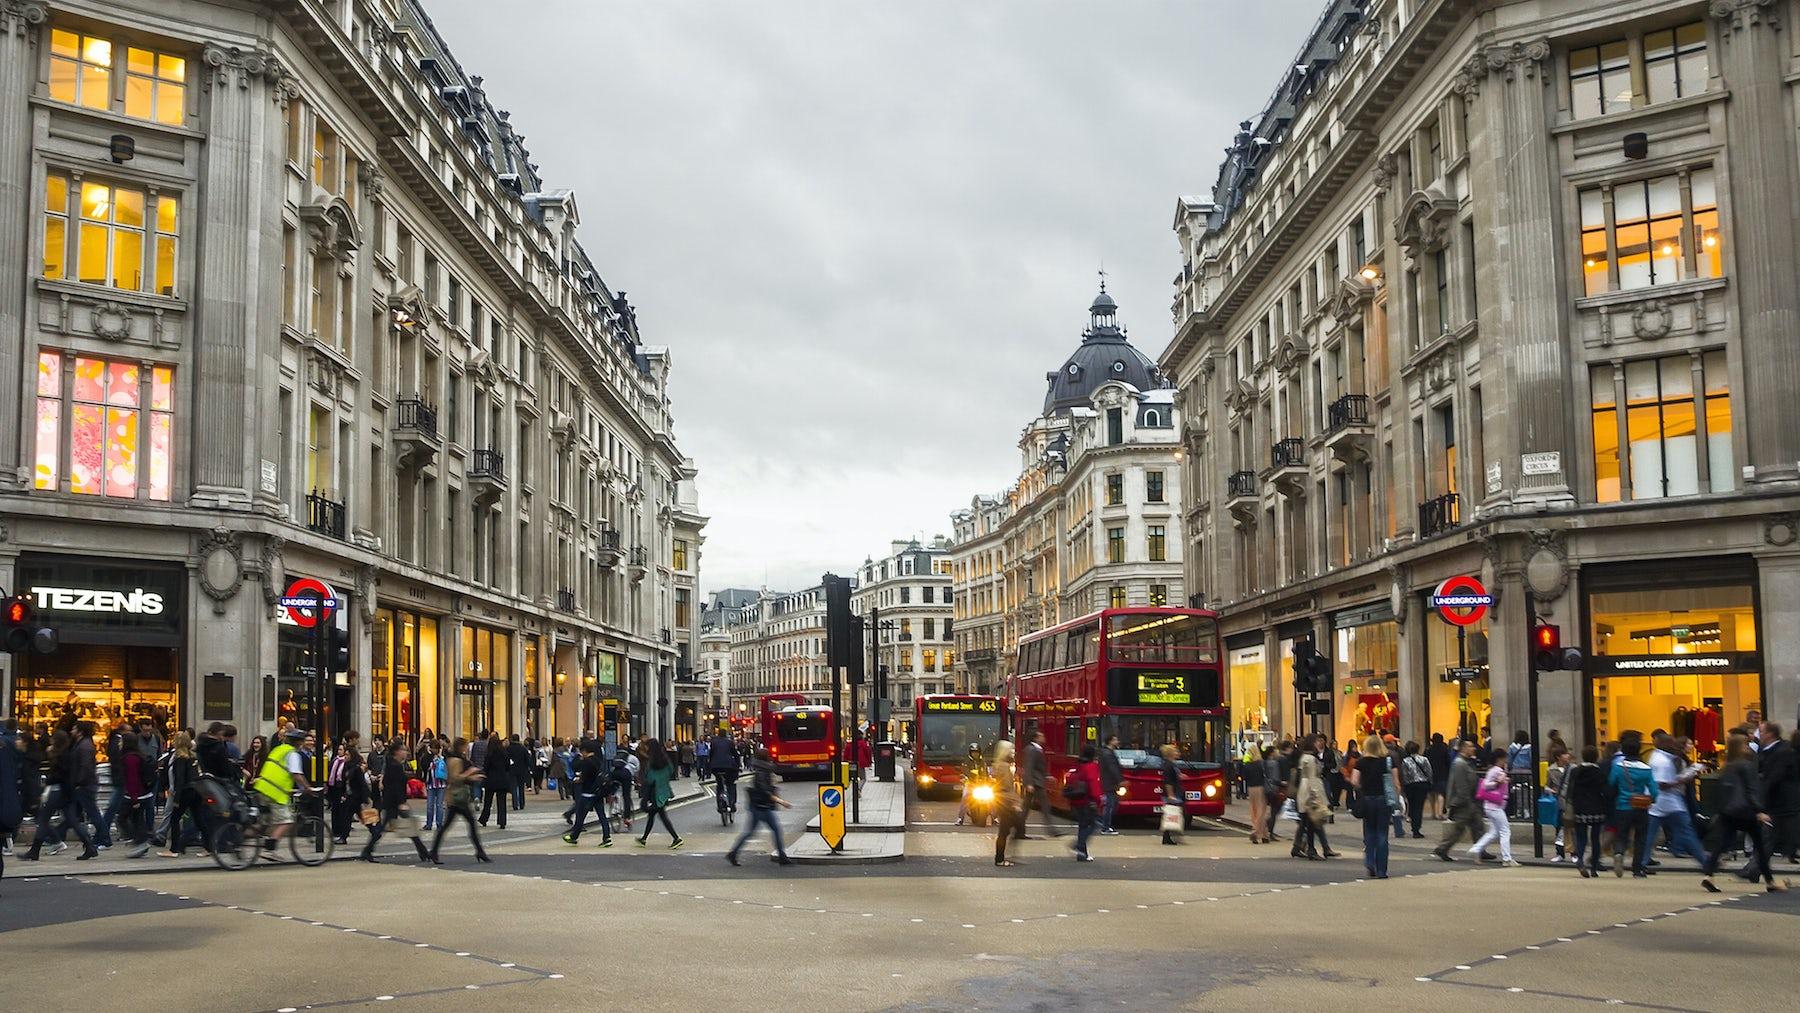 Shoppers on Oxford Street, London | Source: Shutterstock